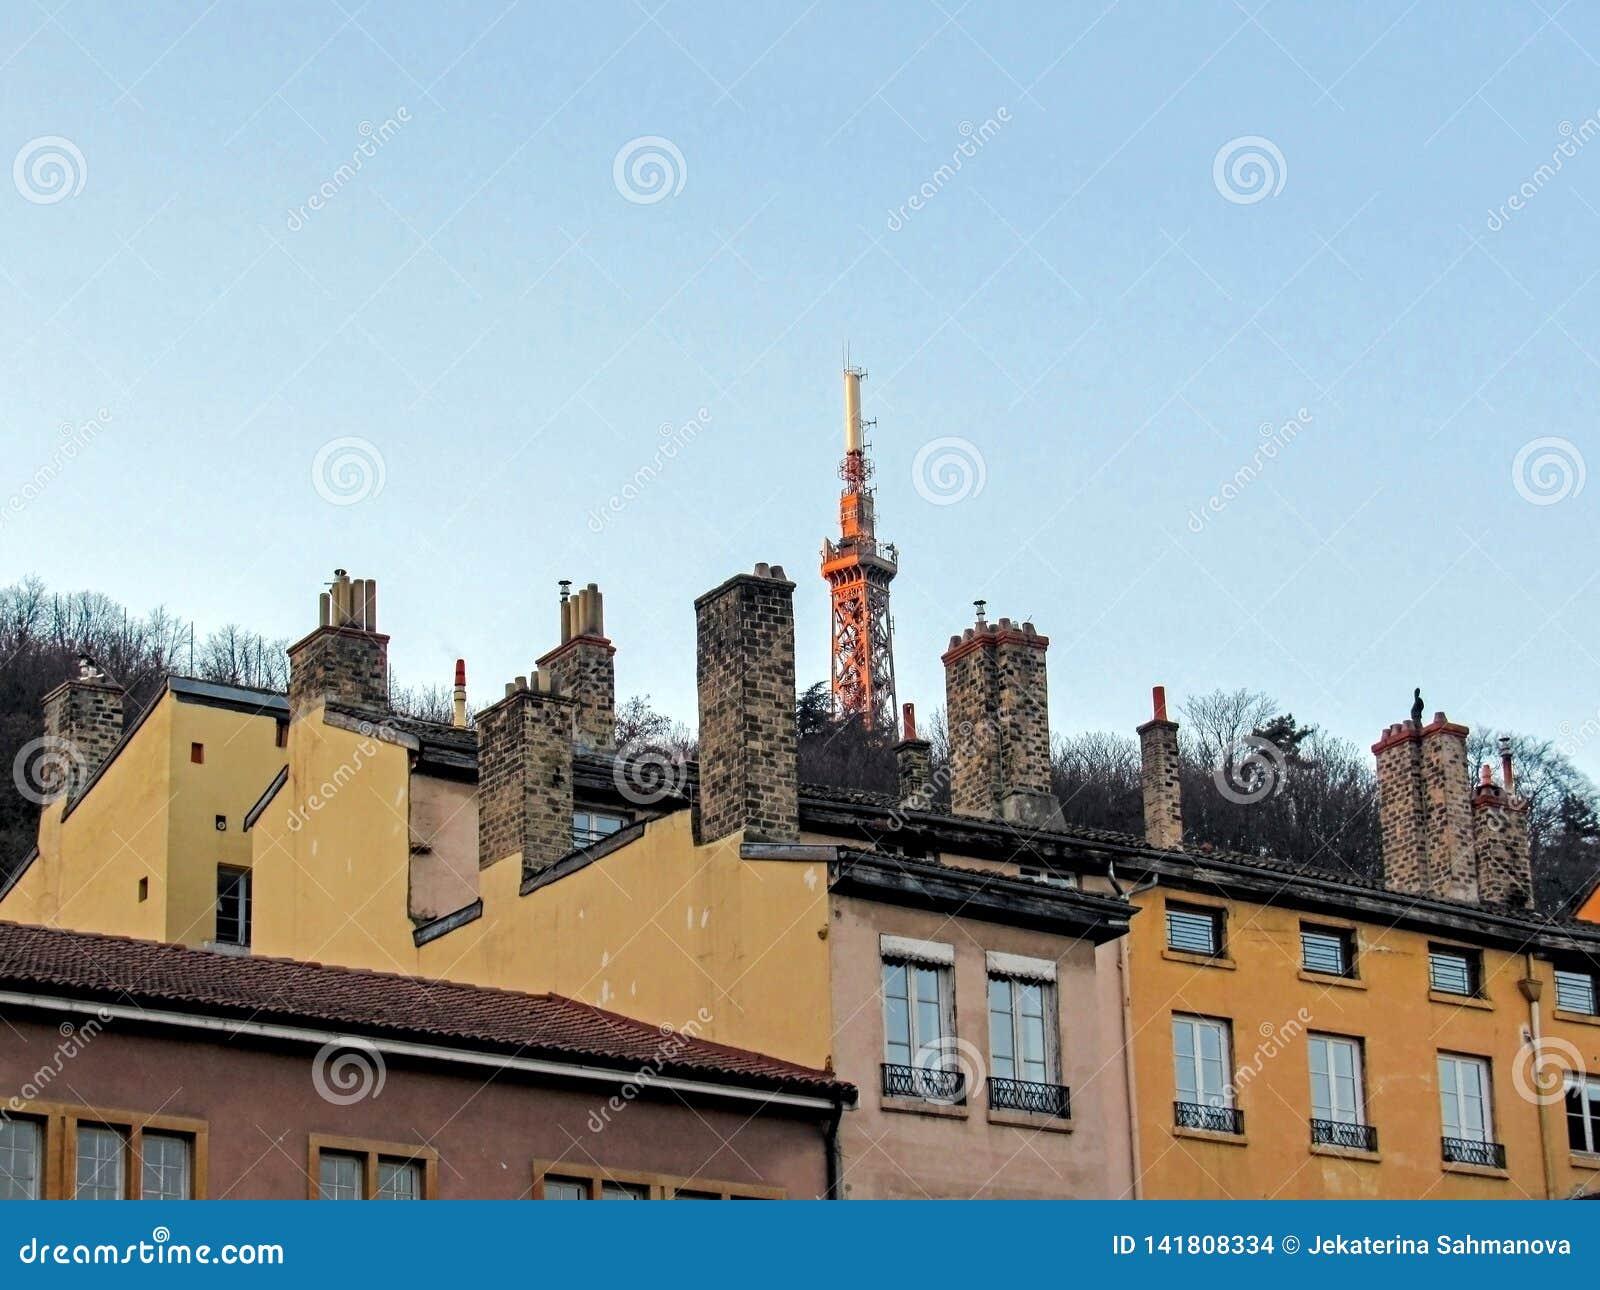 Metallischer Turm von Fourviere, Stahlgerüstturm mit Dachspitzen und Kaminen, Lyon, Frankreich, Europa